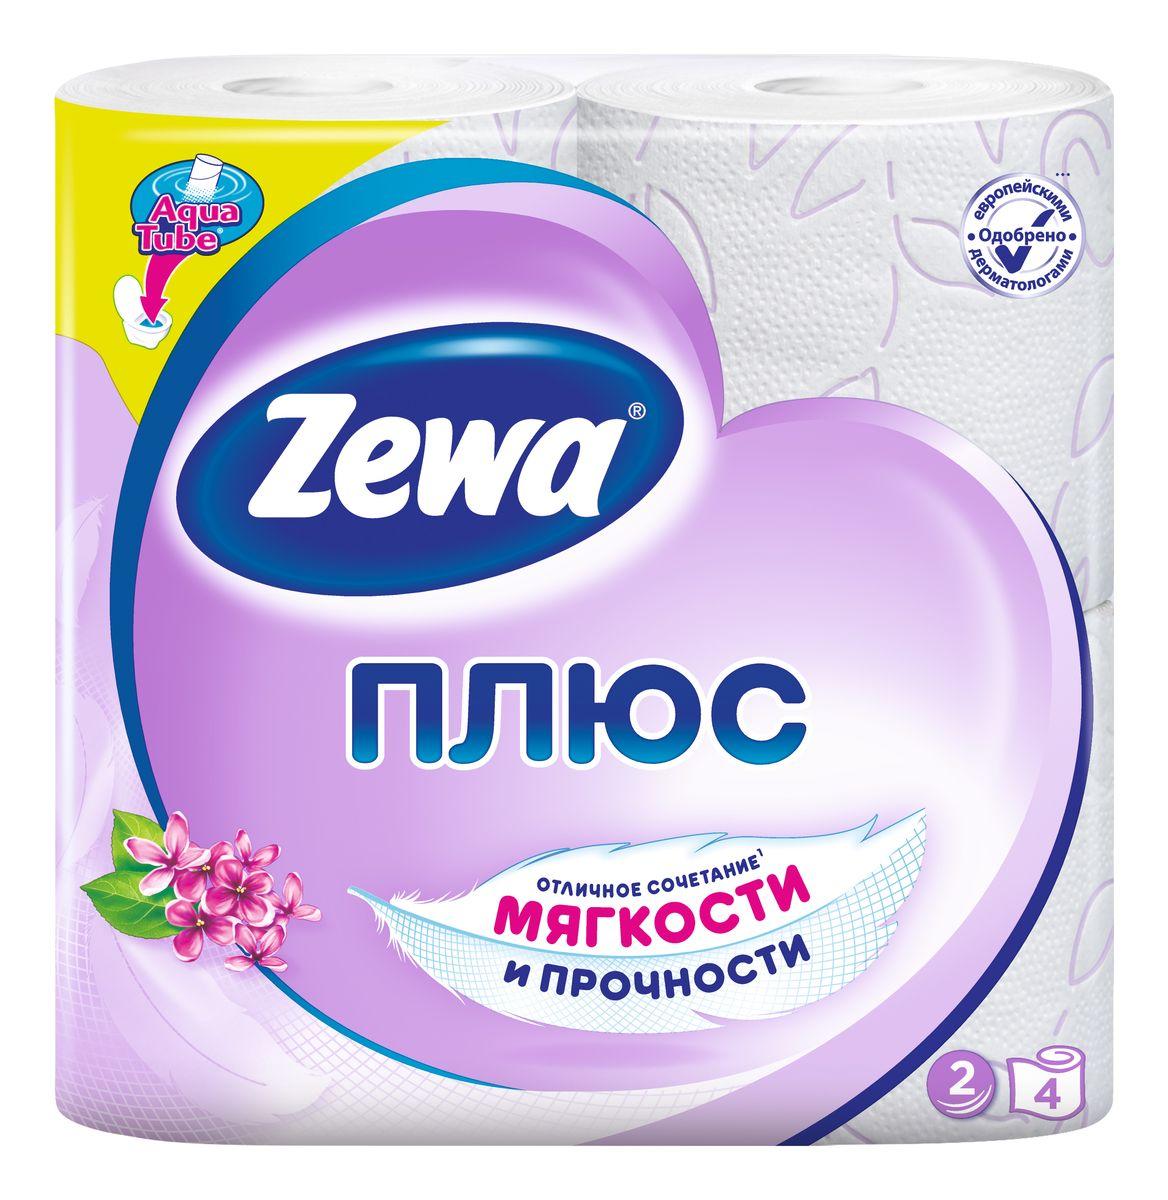 Туалетная бумага Zewa Плюс Сирень, 2 слоя, 4 рулона10503Туалетная бумага Zewa Плюс - это отличное сочетание мягкости и прочности. Она одобренадерматологами и прекрасно подойдет всем членам вашей семьи – и тем, кому нужна мягкая бумага, и тем, кому важна прочность.Позаботьтесьо себе и своих близких вместе с Zewa.Сенсация! Со смываемой втулкой Aqua Tube!Белая 2-х слойная туалетная бумага с сиреневым тиснением и ароматом сирени4 рулона в упаковкеСостав: вторичное сырьеПроизводство: Россия